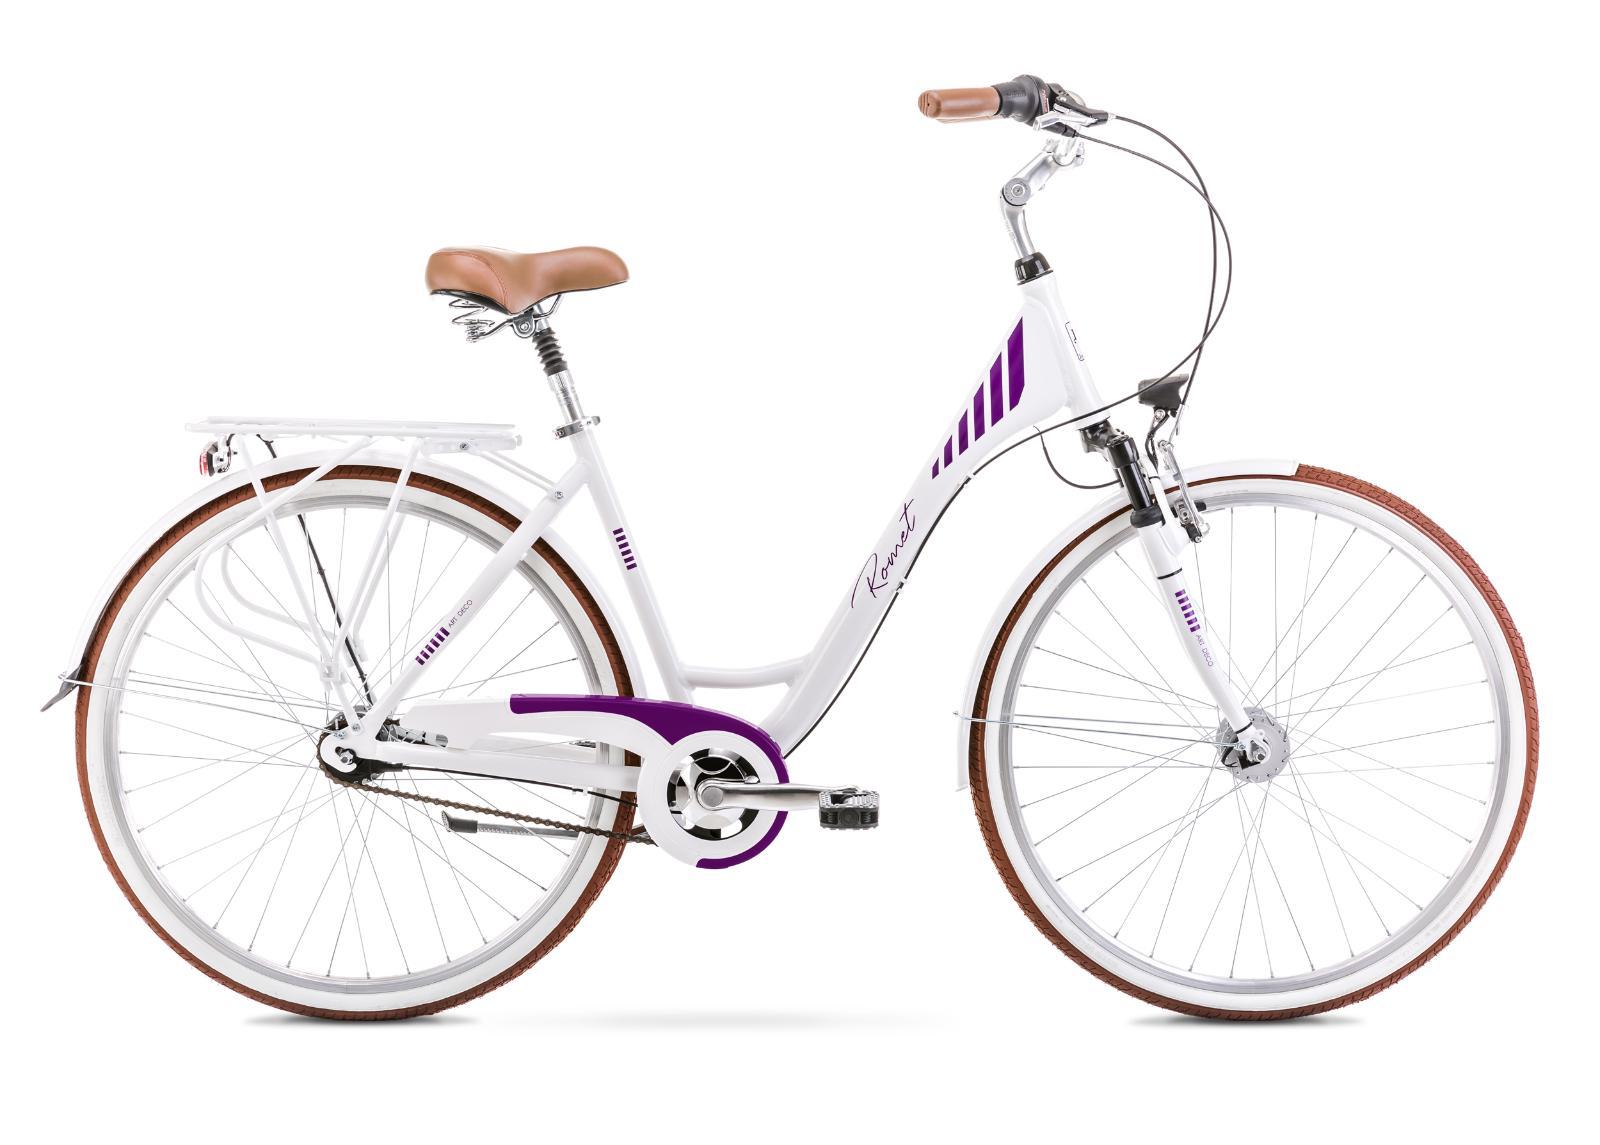 Naisten kaupunkipyörä 19 L ART DECO 7 valkoinen-violetti